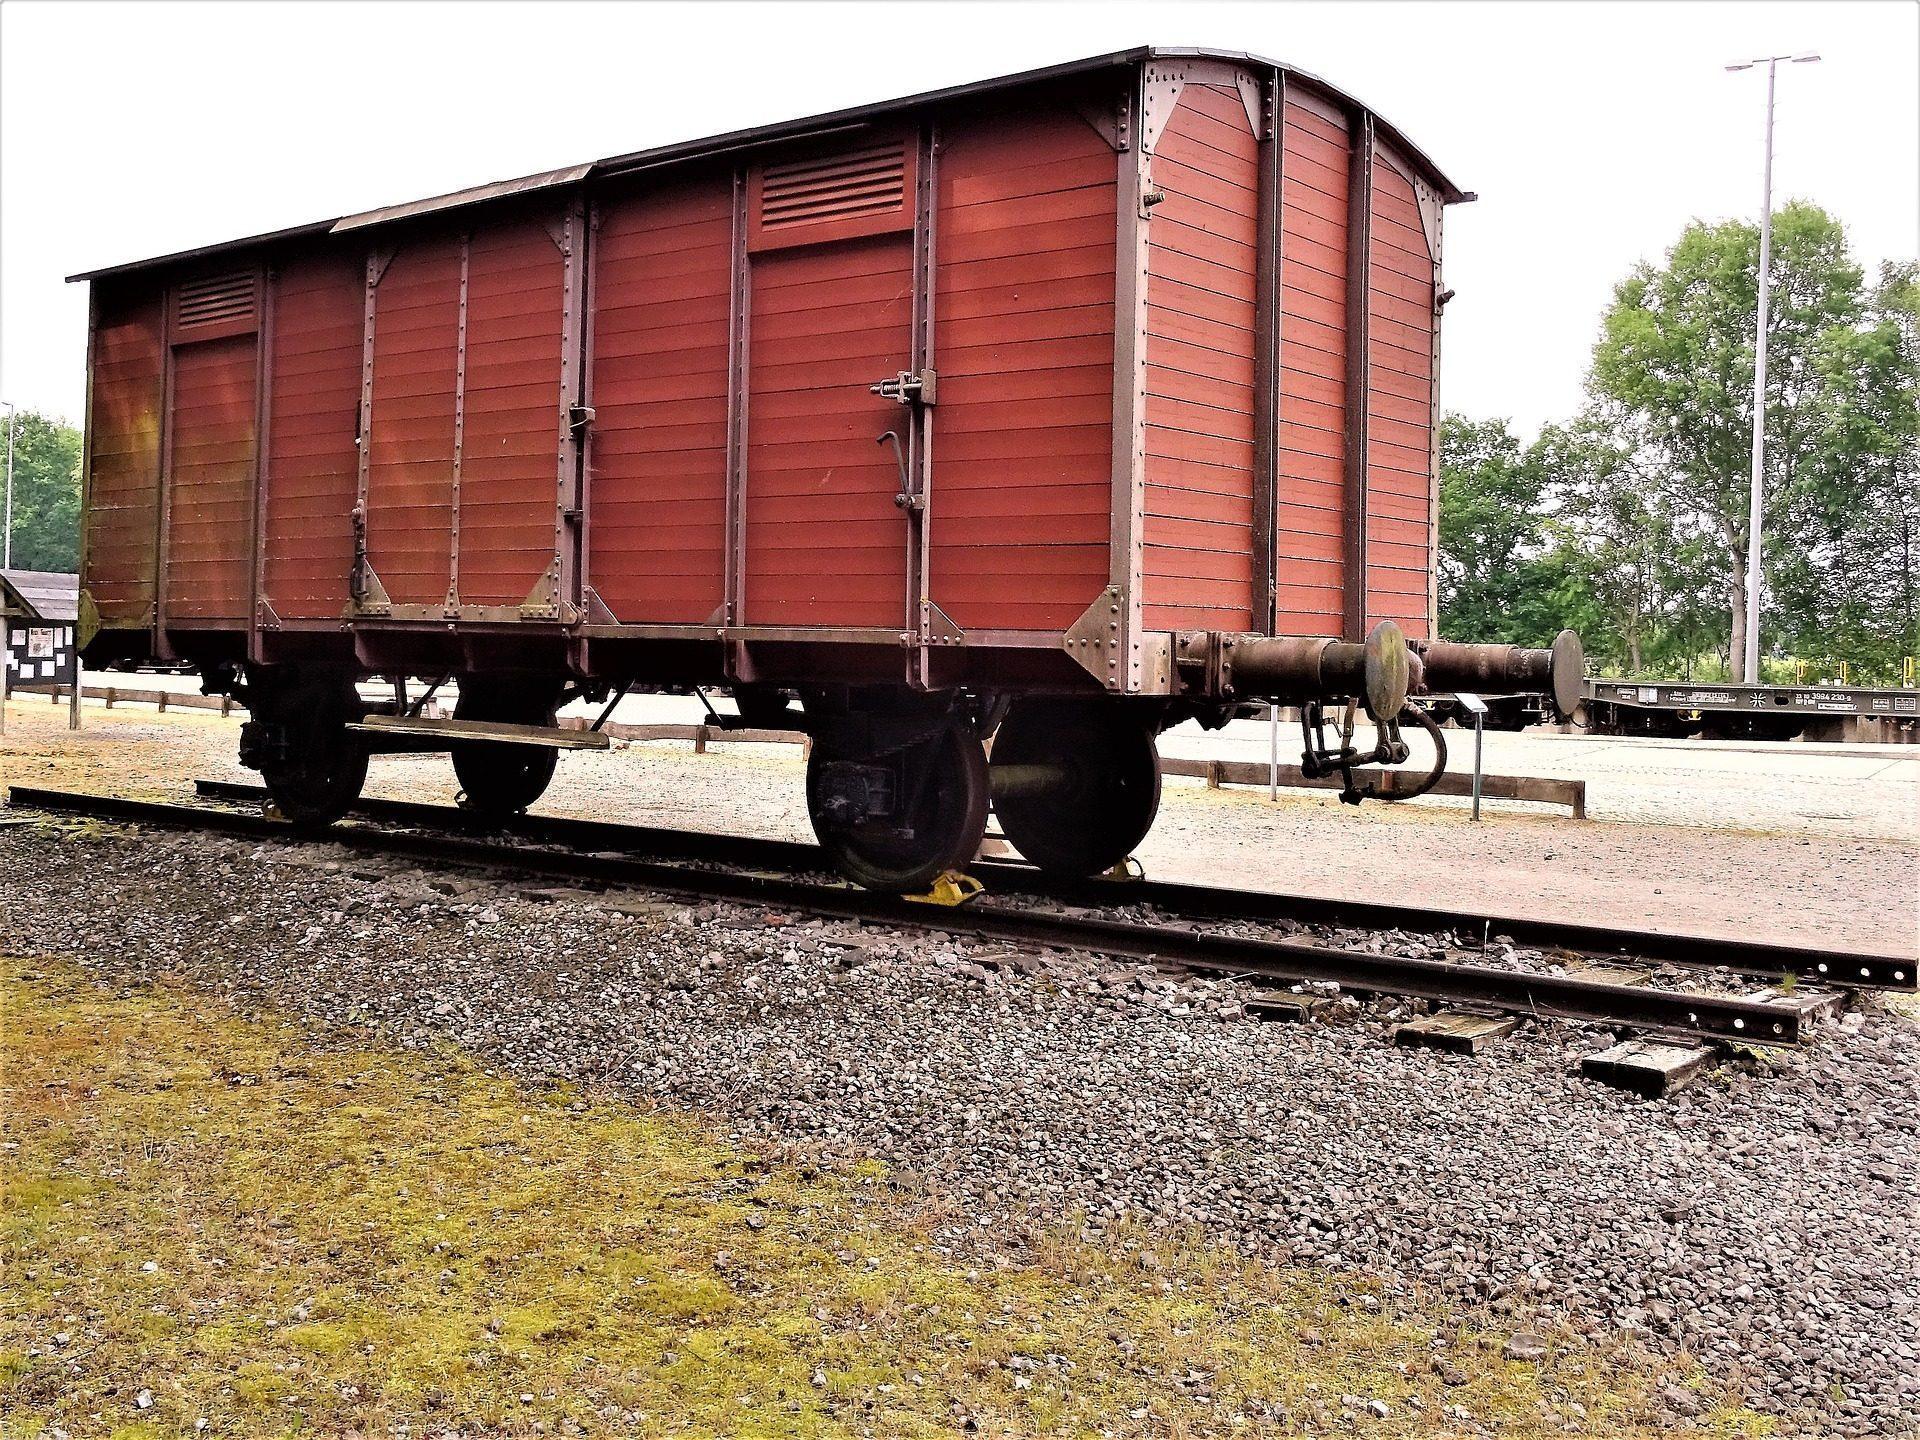 Train Holocaust Bergen-Belsen